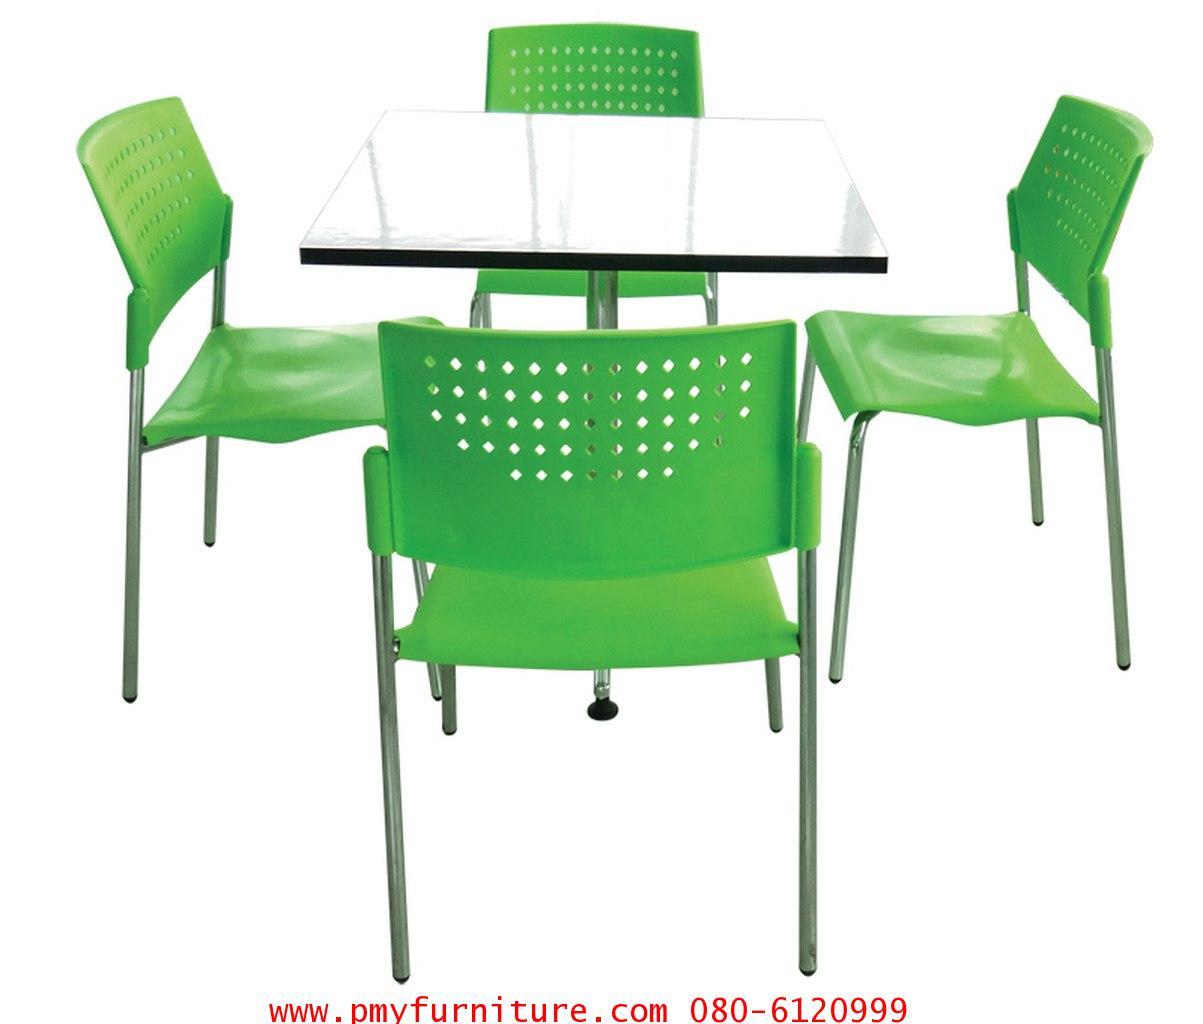 pmy6-6 ชุดโต๊ะเก้าอี้ STB 215-1